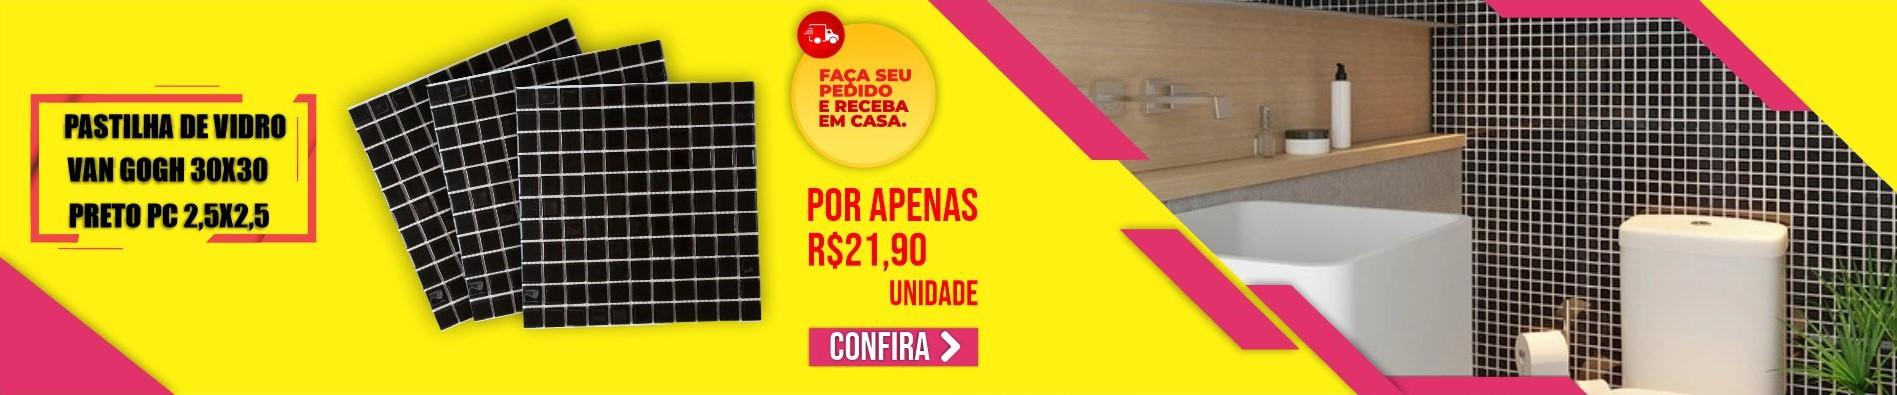 Banner Pastilha Preto